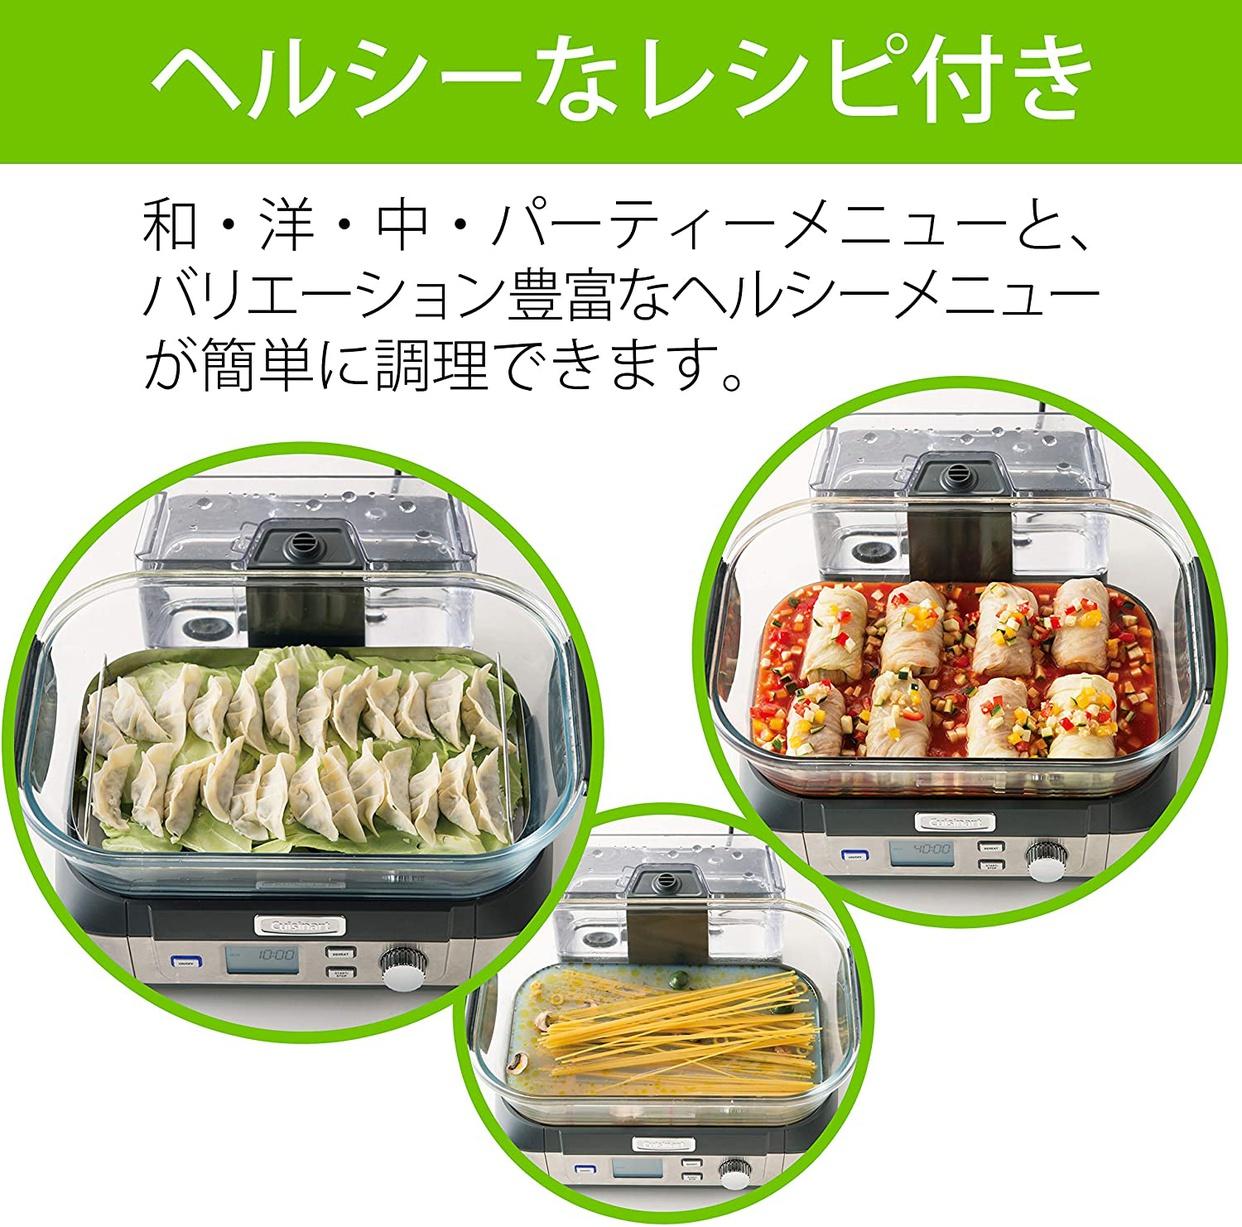 Cuisinart(クイジナート) ヘルシークッカー STM-1000Jの商品画像6